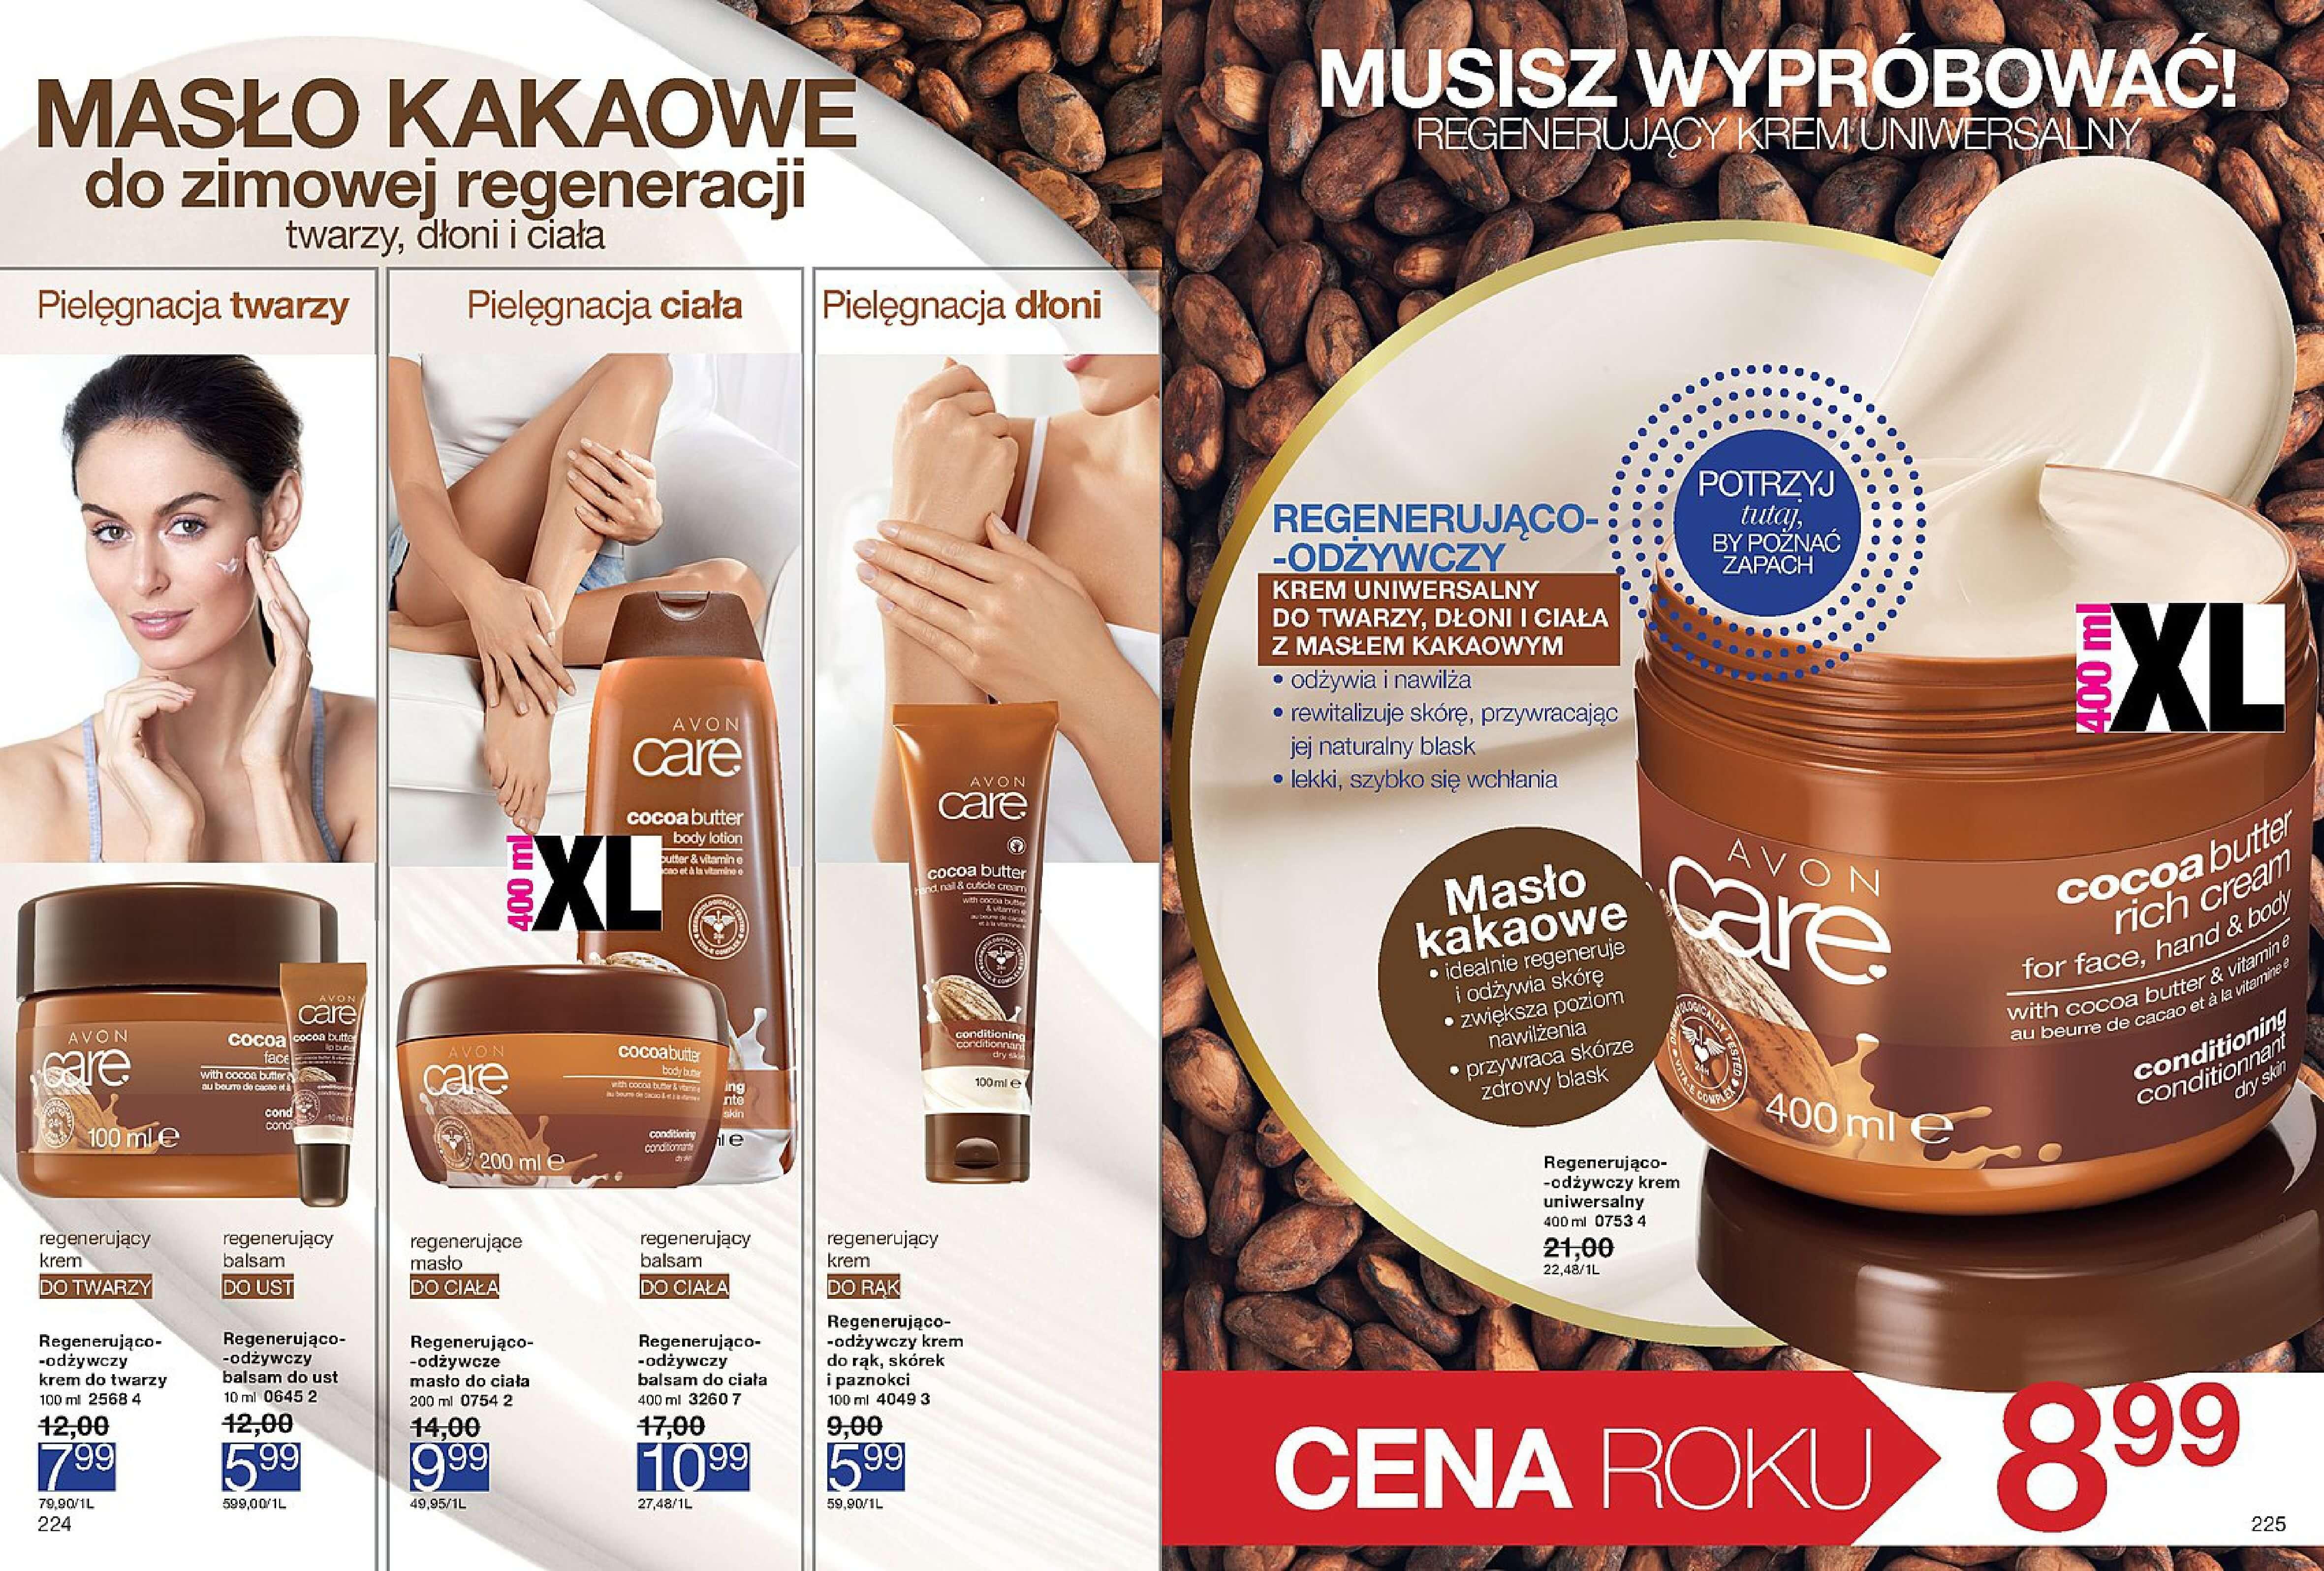 Gazetka Avon - Katalog 17/2017 Gwiazdka-29.11.2017-27.12.2017-page-113